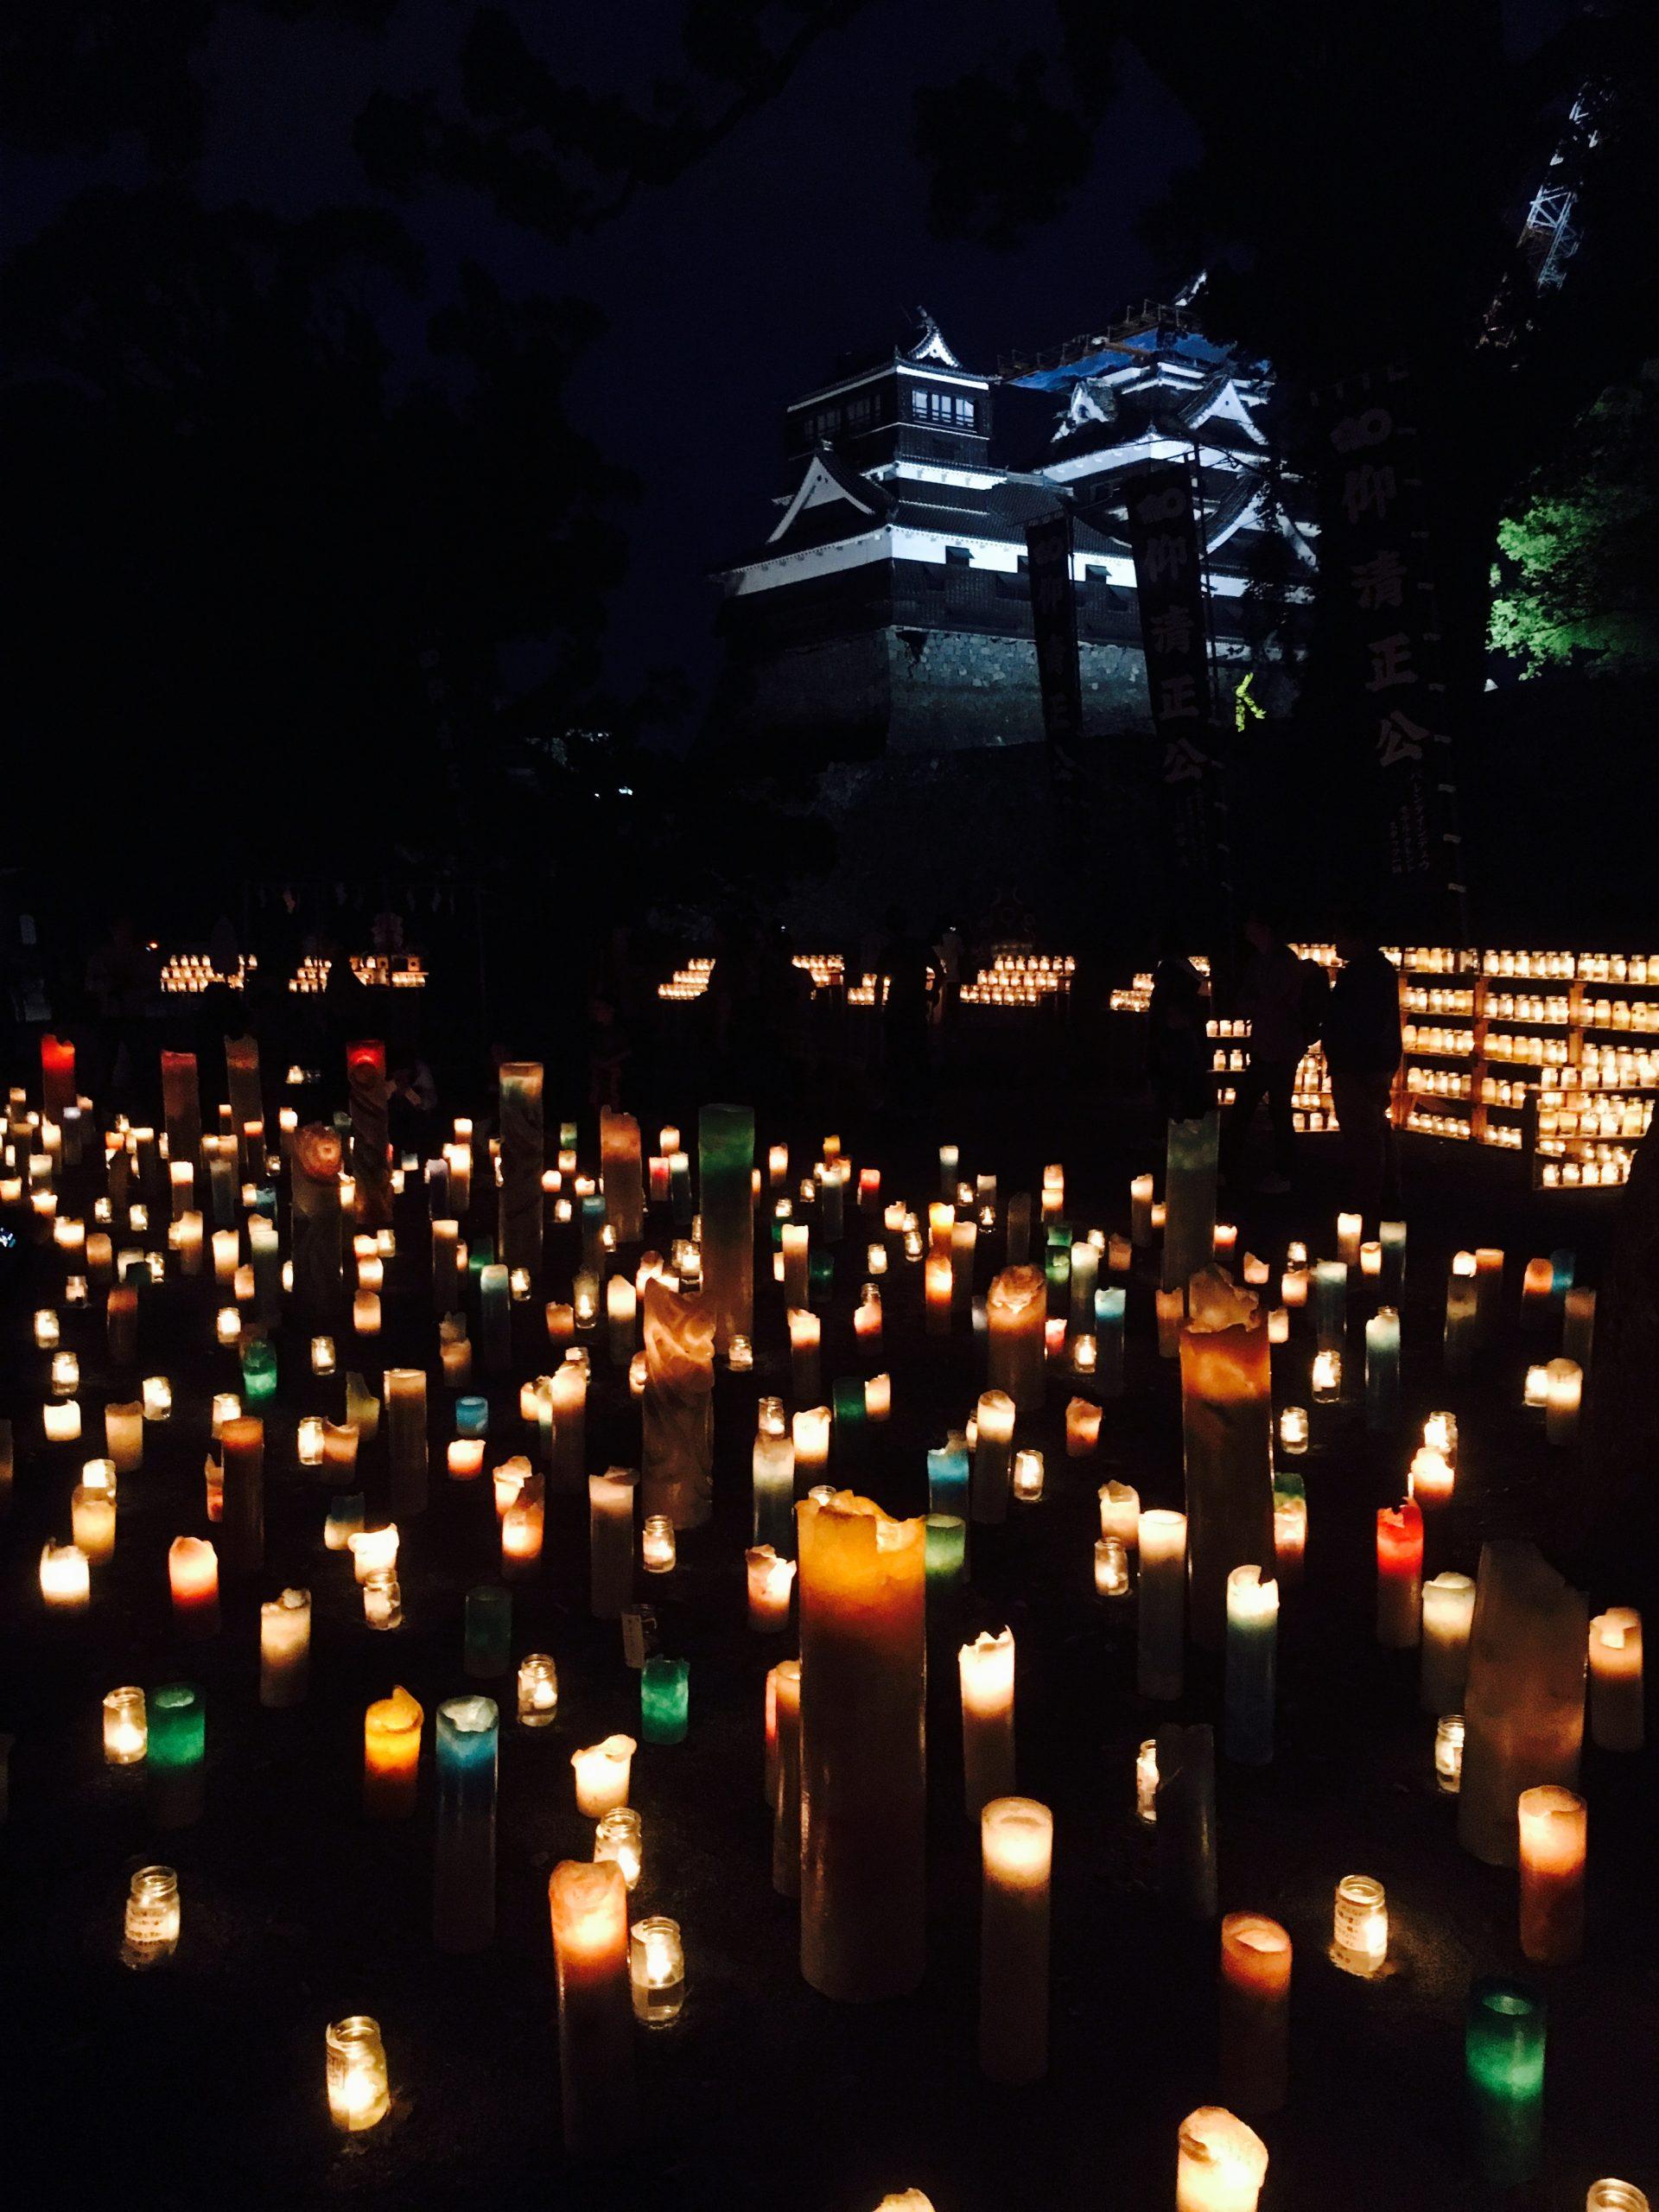 震災から5年、4月14日に加藤神社でキャンドルナイトを開催します!